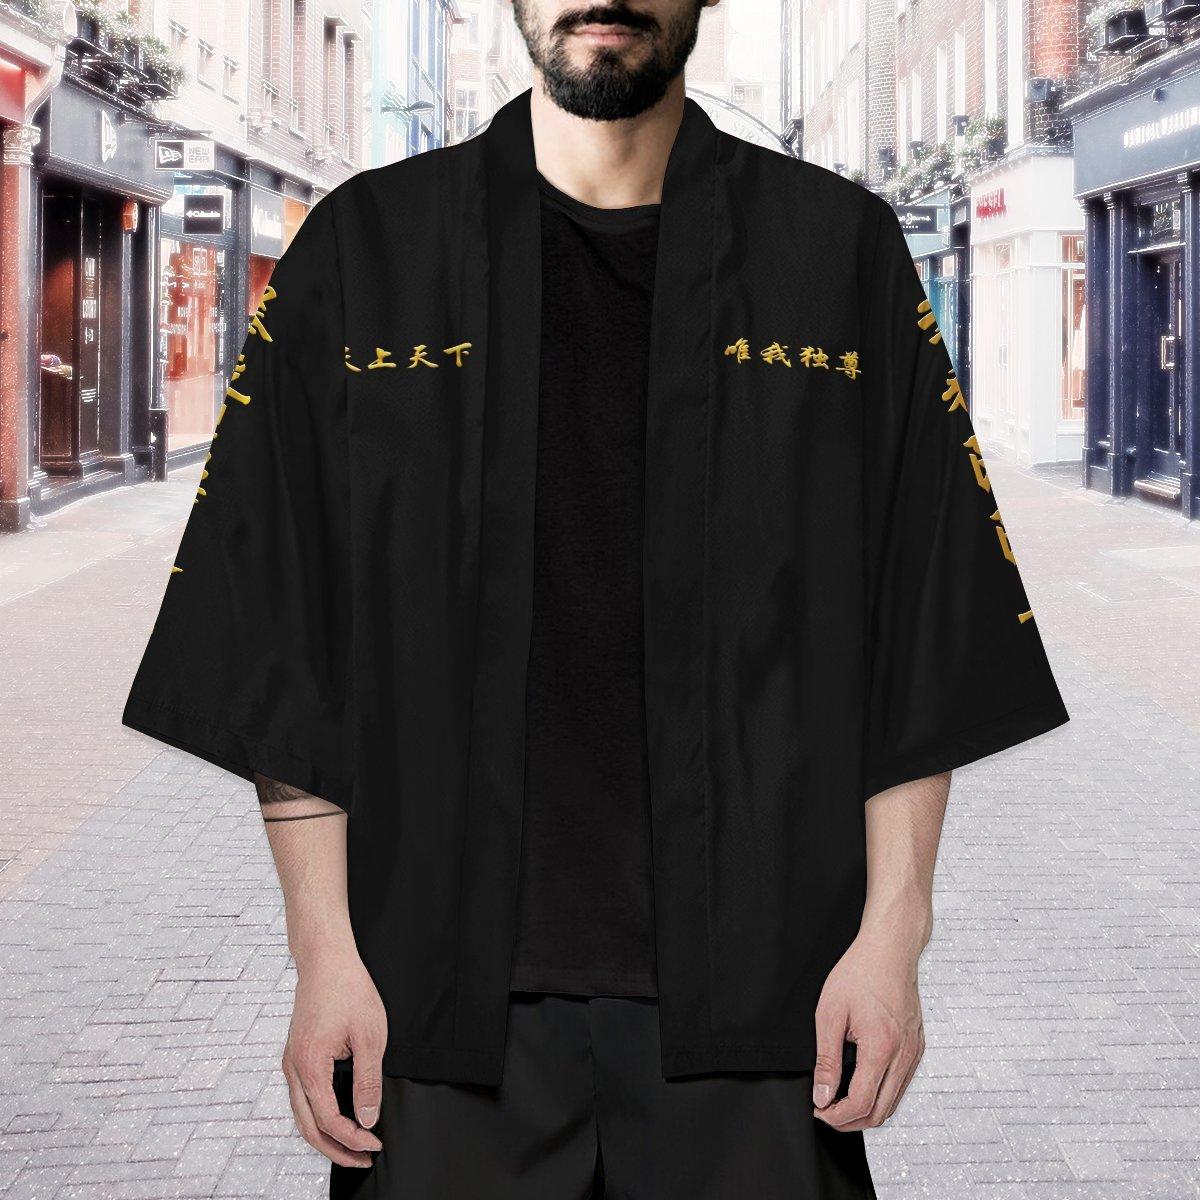 manji gang cosplay kimono 894225 - Otaku Treat